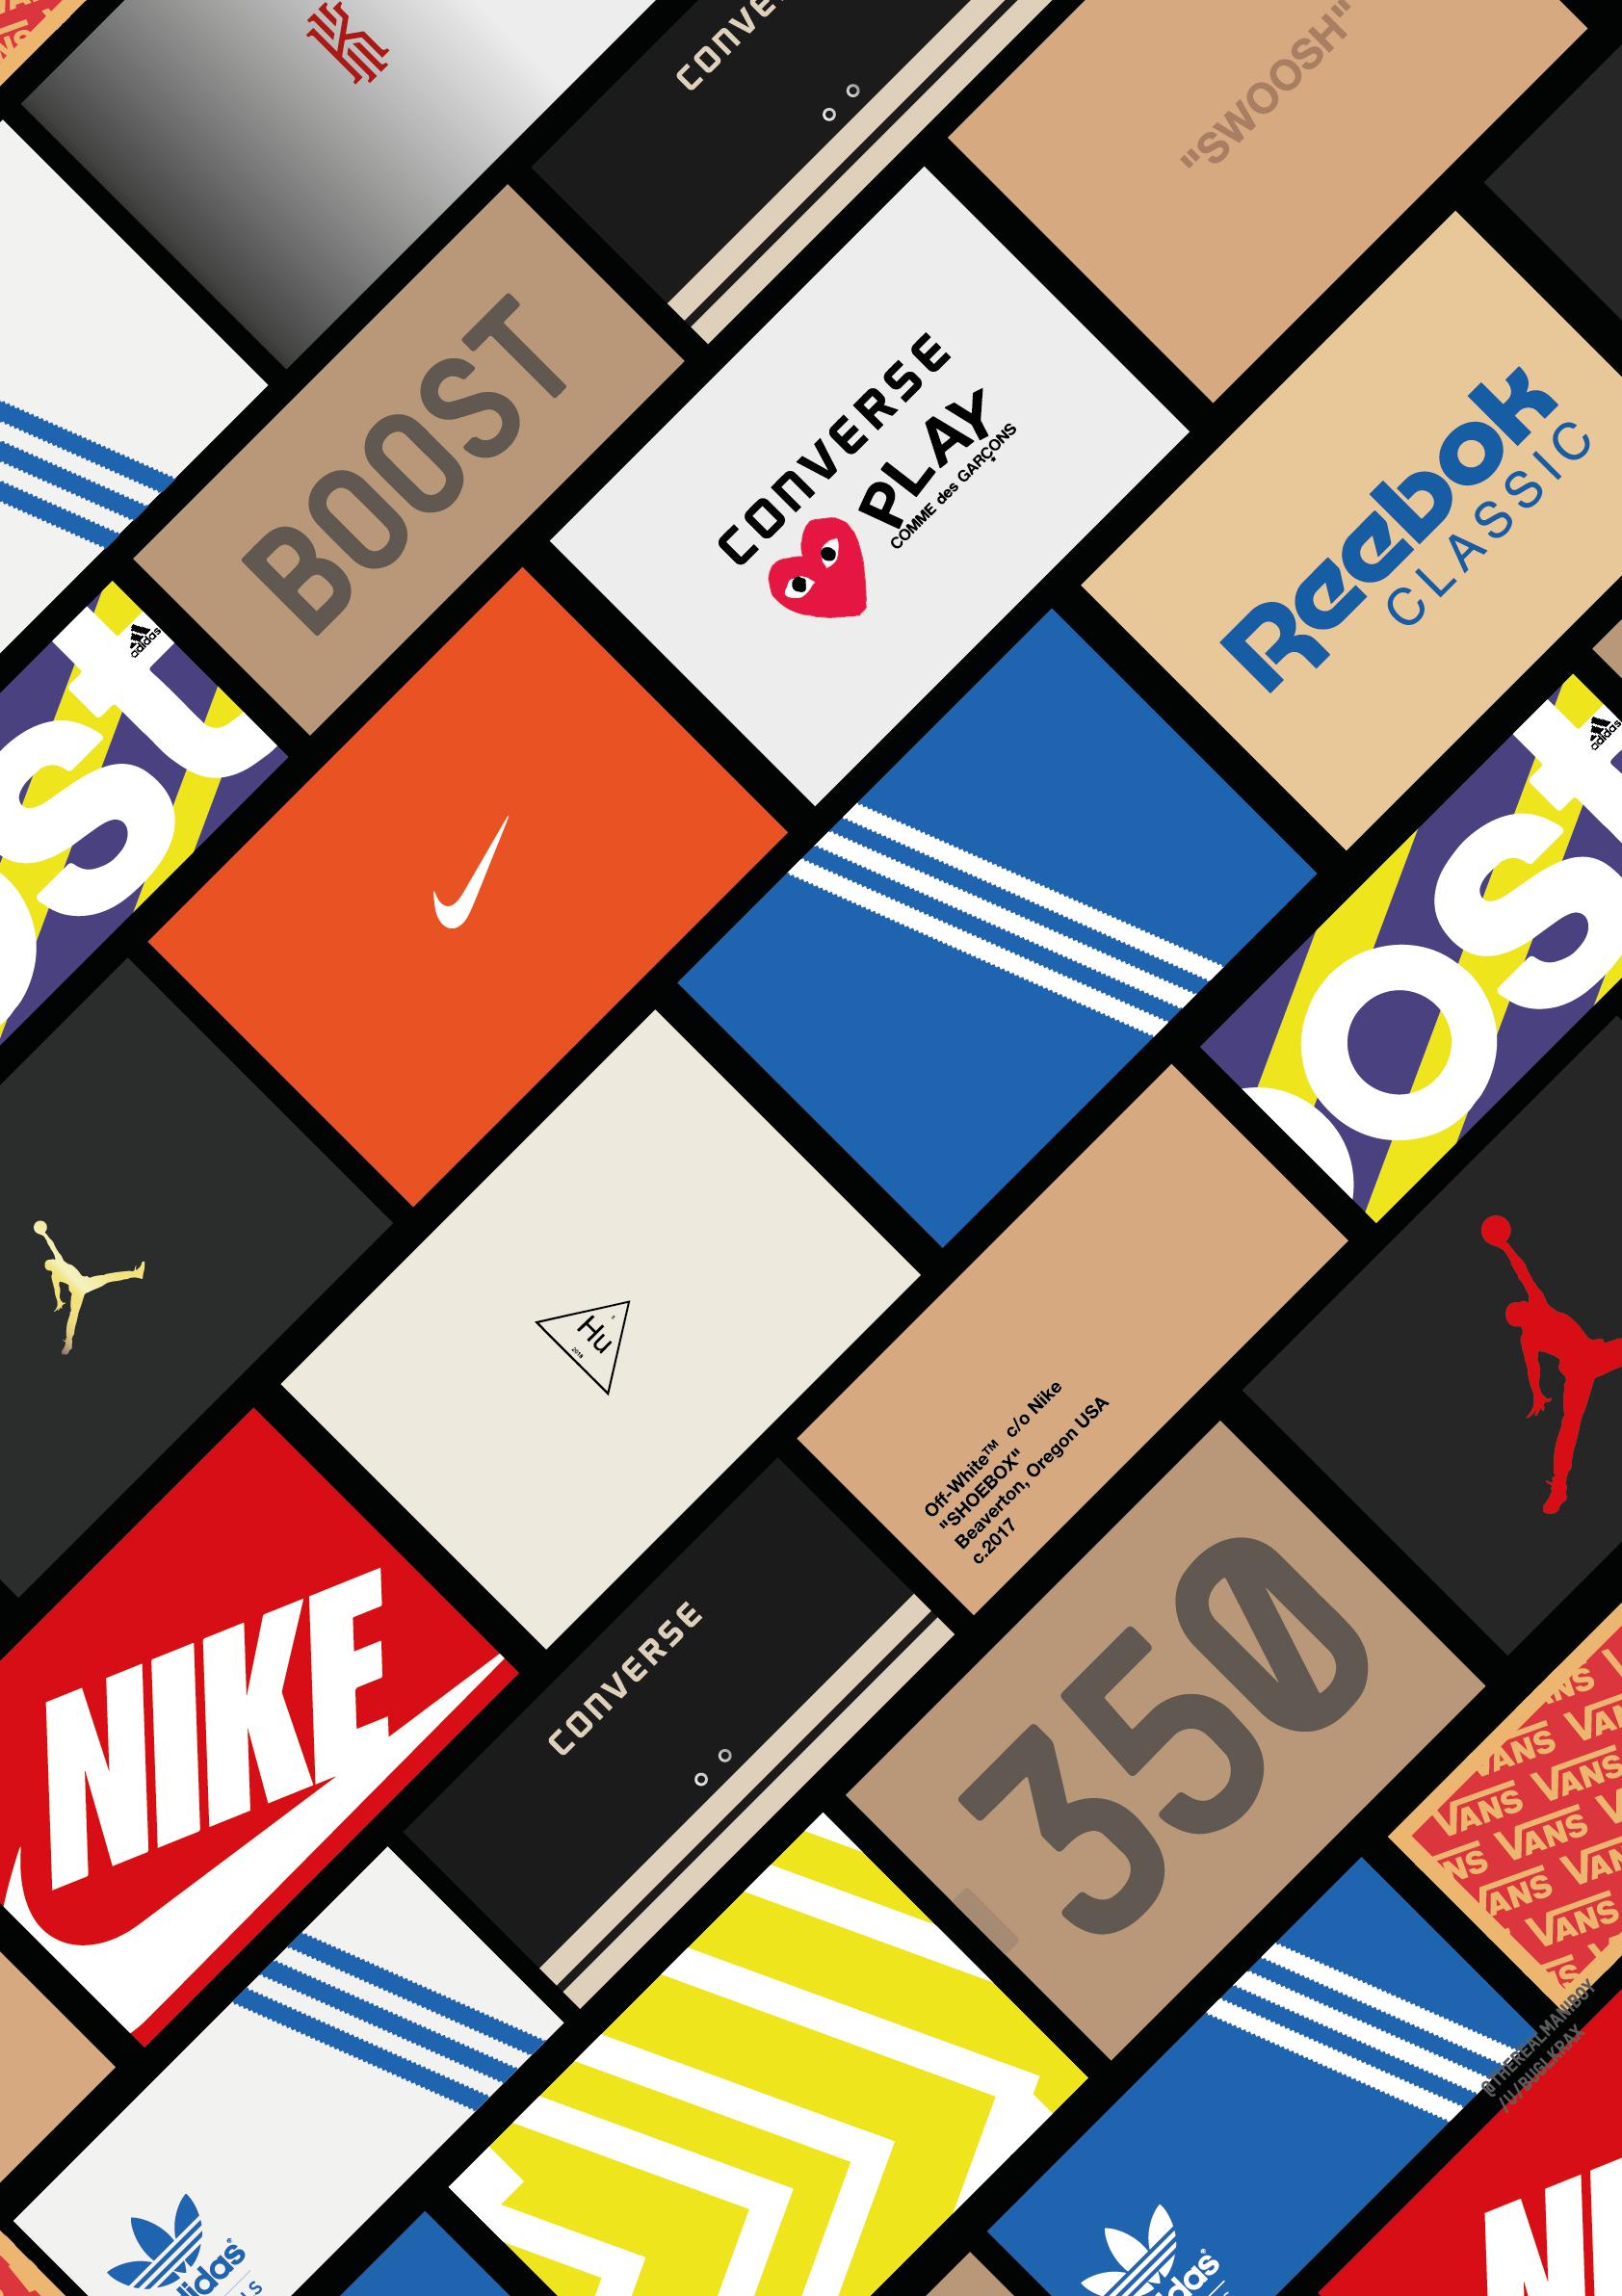 54+] Wallpapers Sneakers Hypebeast on